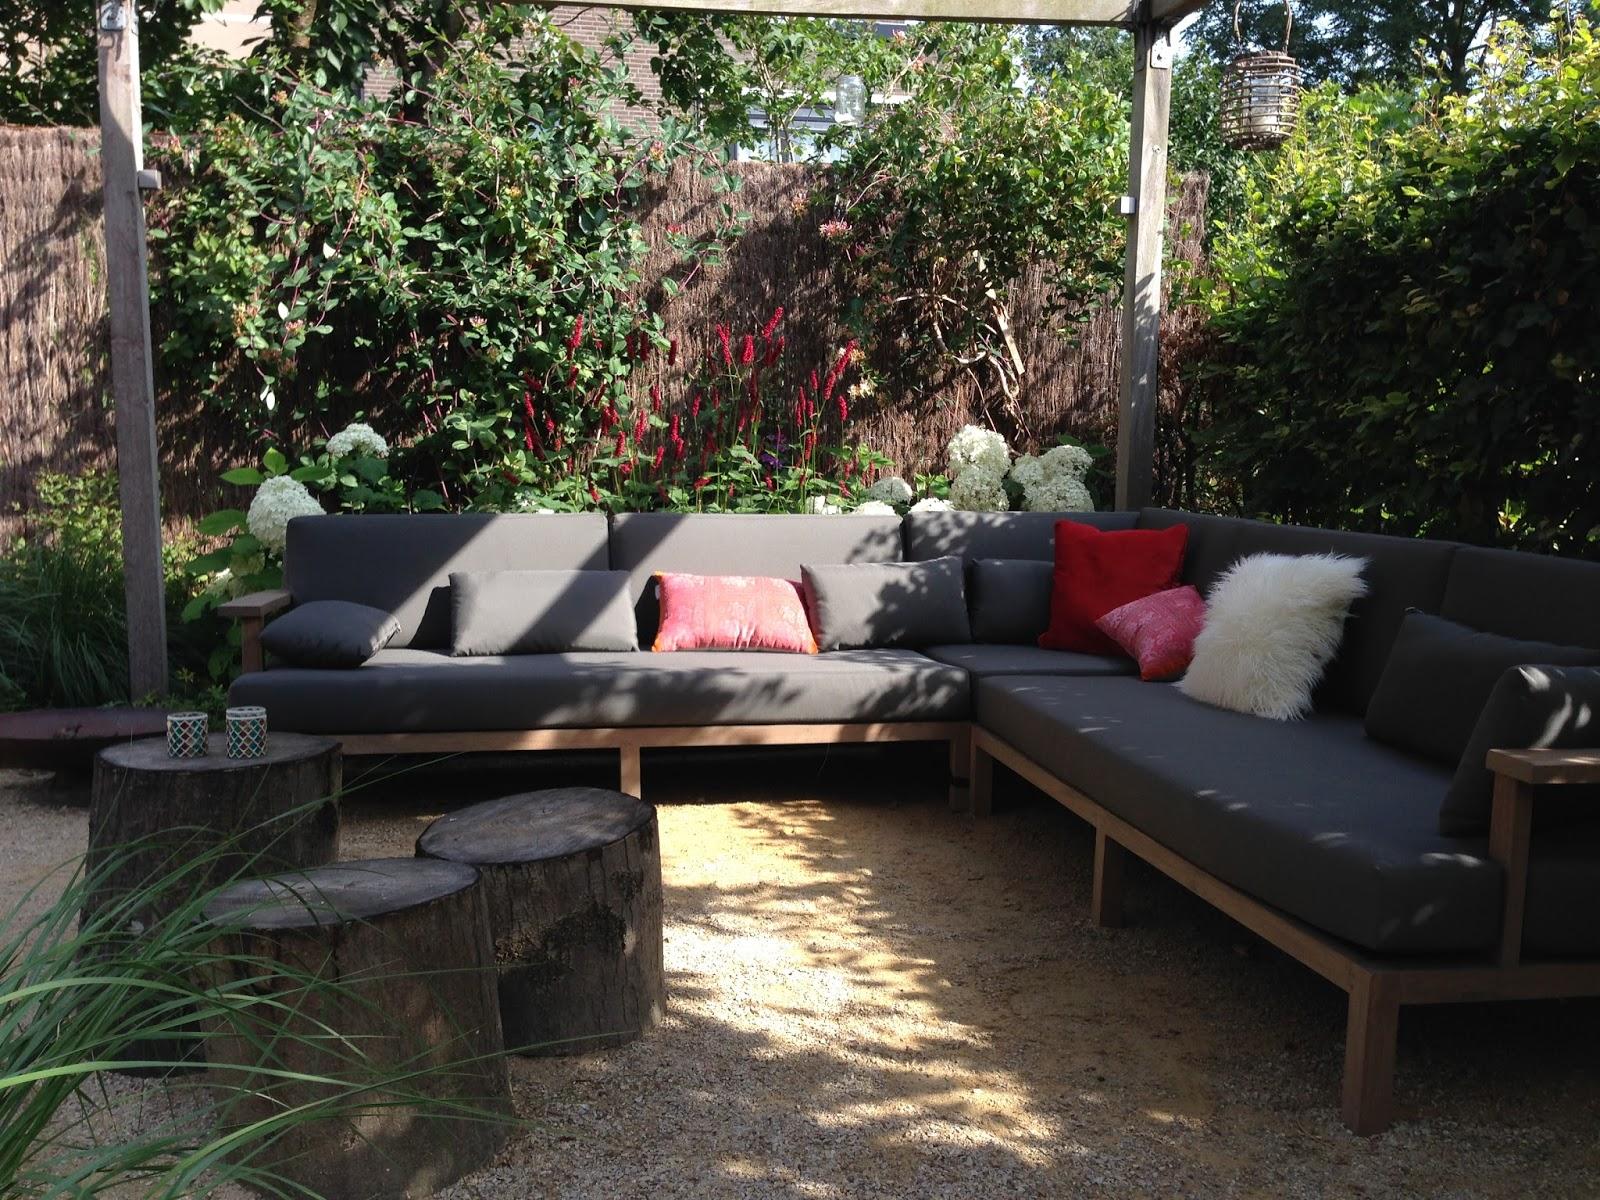 CYNtuinen tuinontwerp & -advies: Tuin met cortenstaal bij hoekwoning